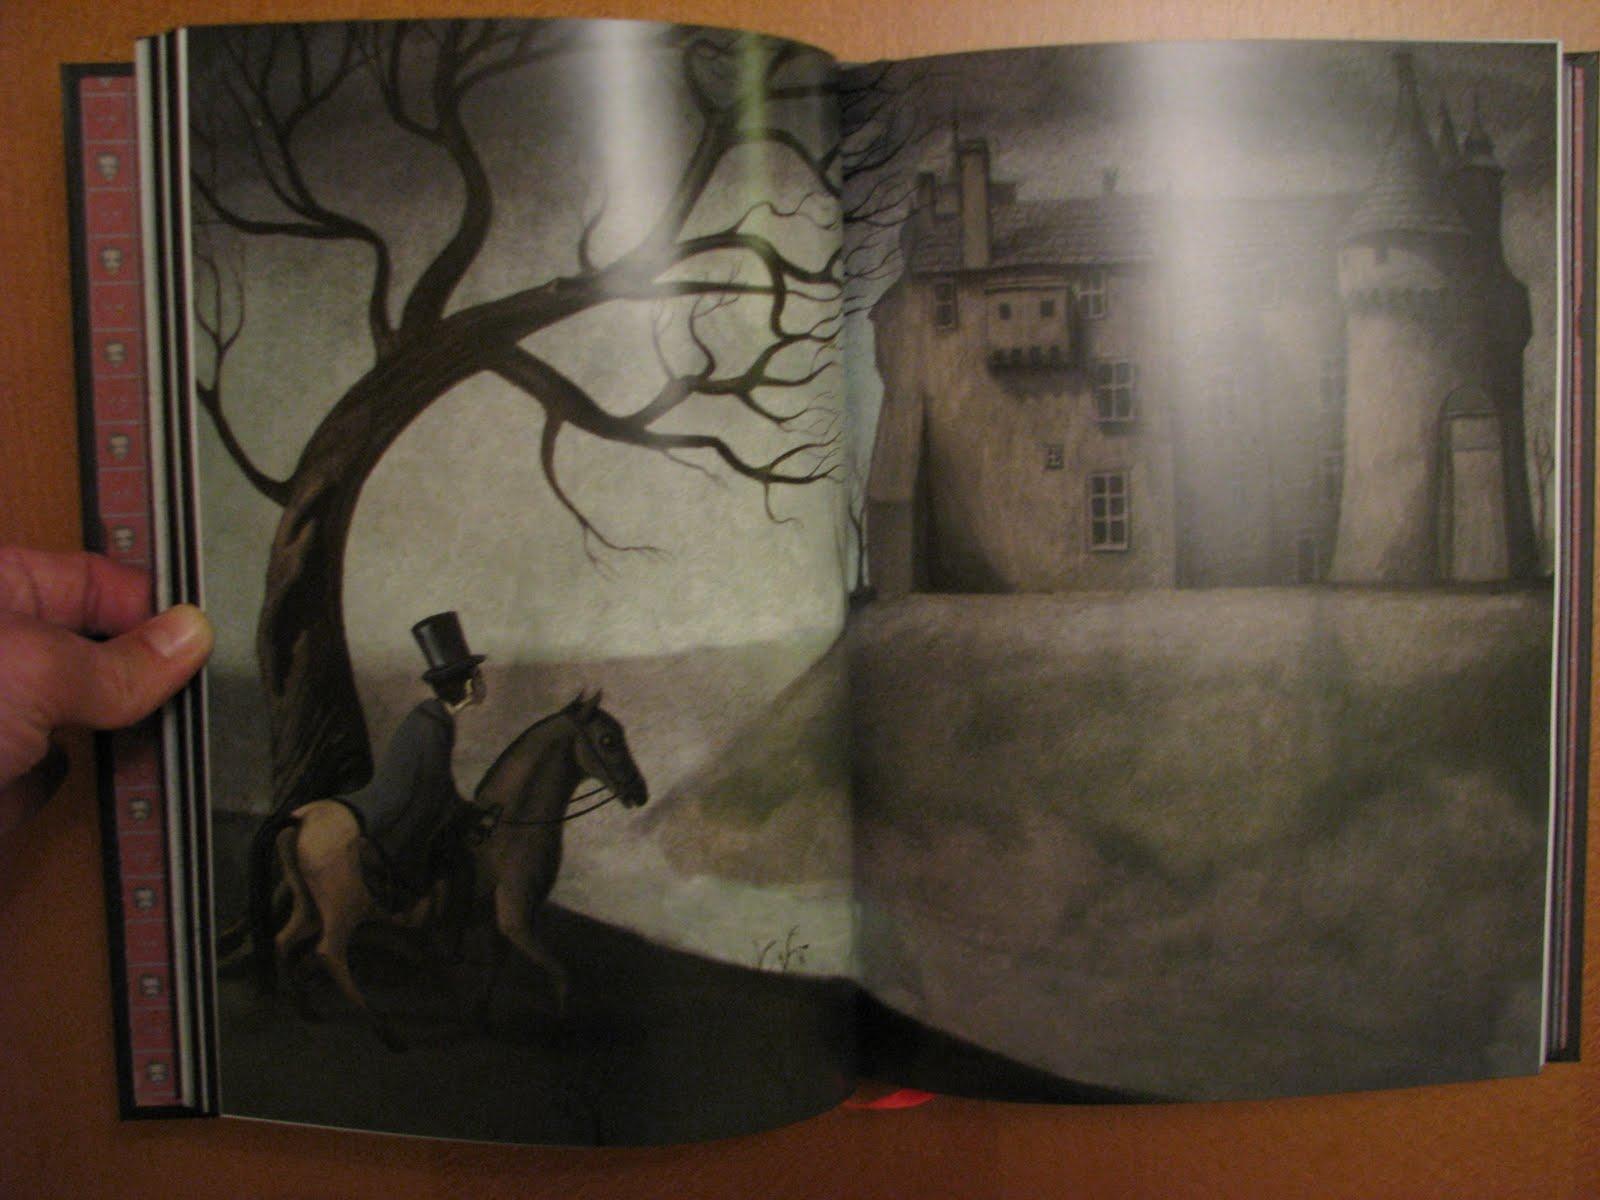 El Otro Viento Cuentos Macabros cuando Benjamin Lacombe se encontr con Edgar Allan Poe